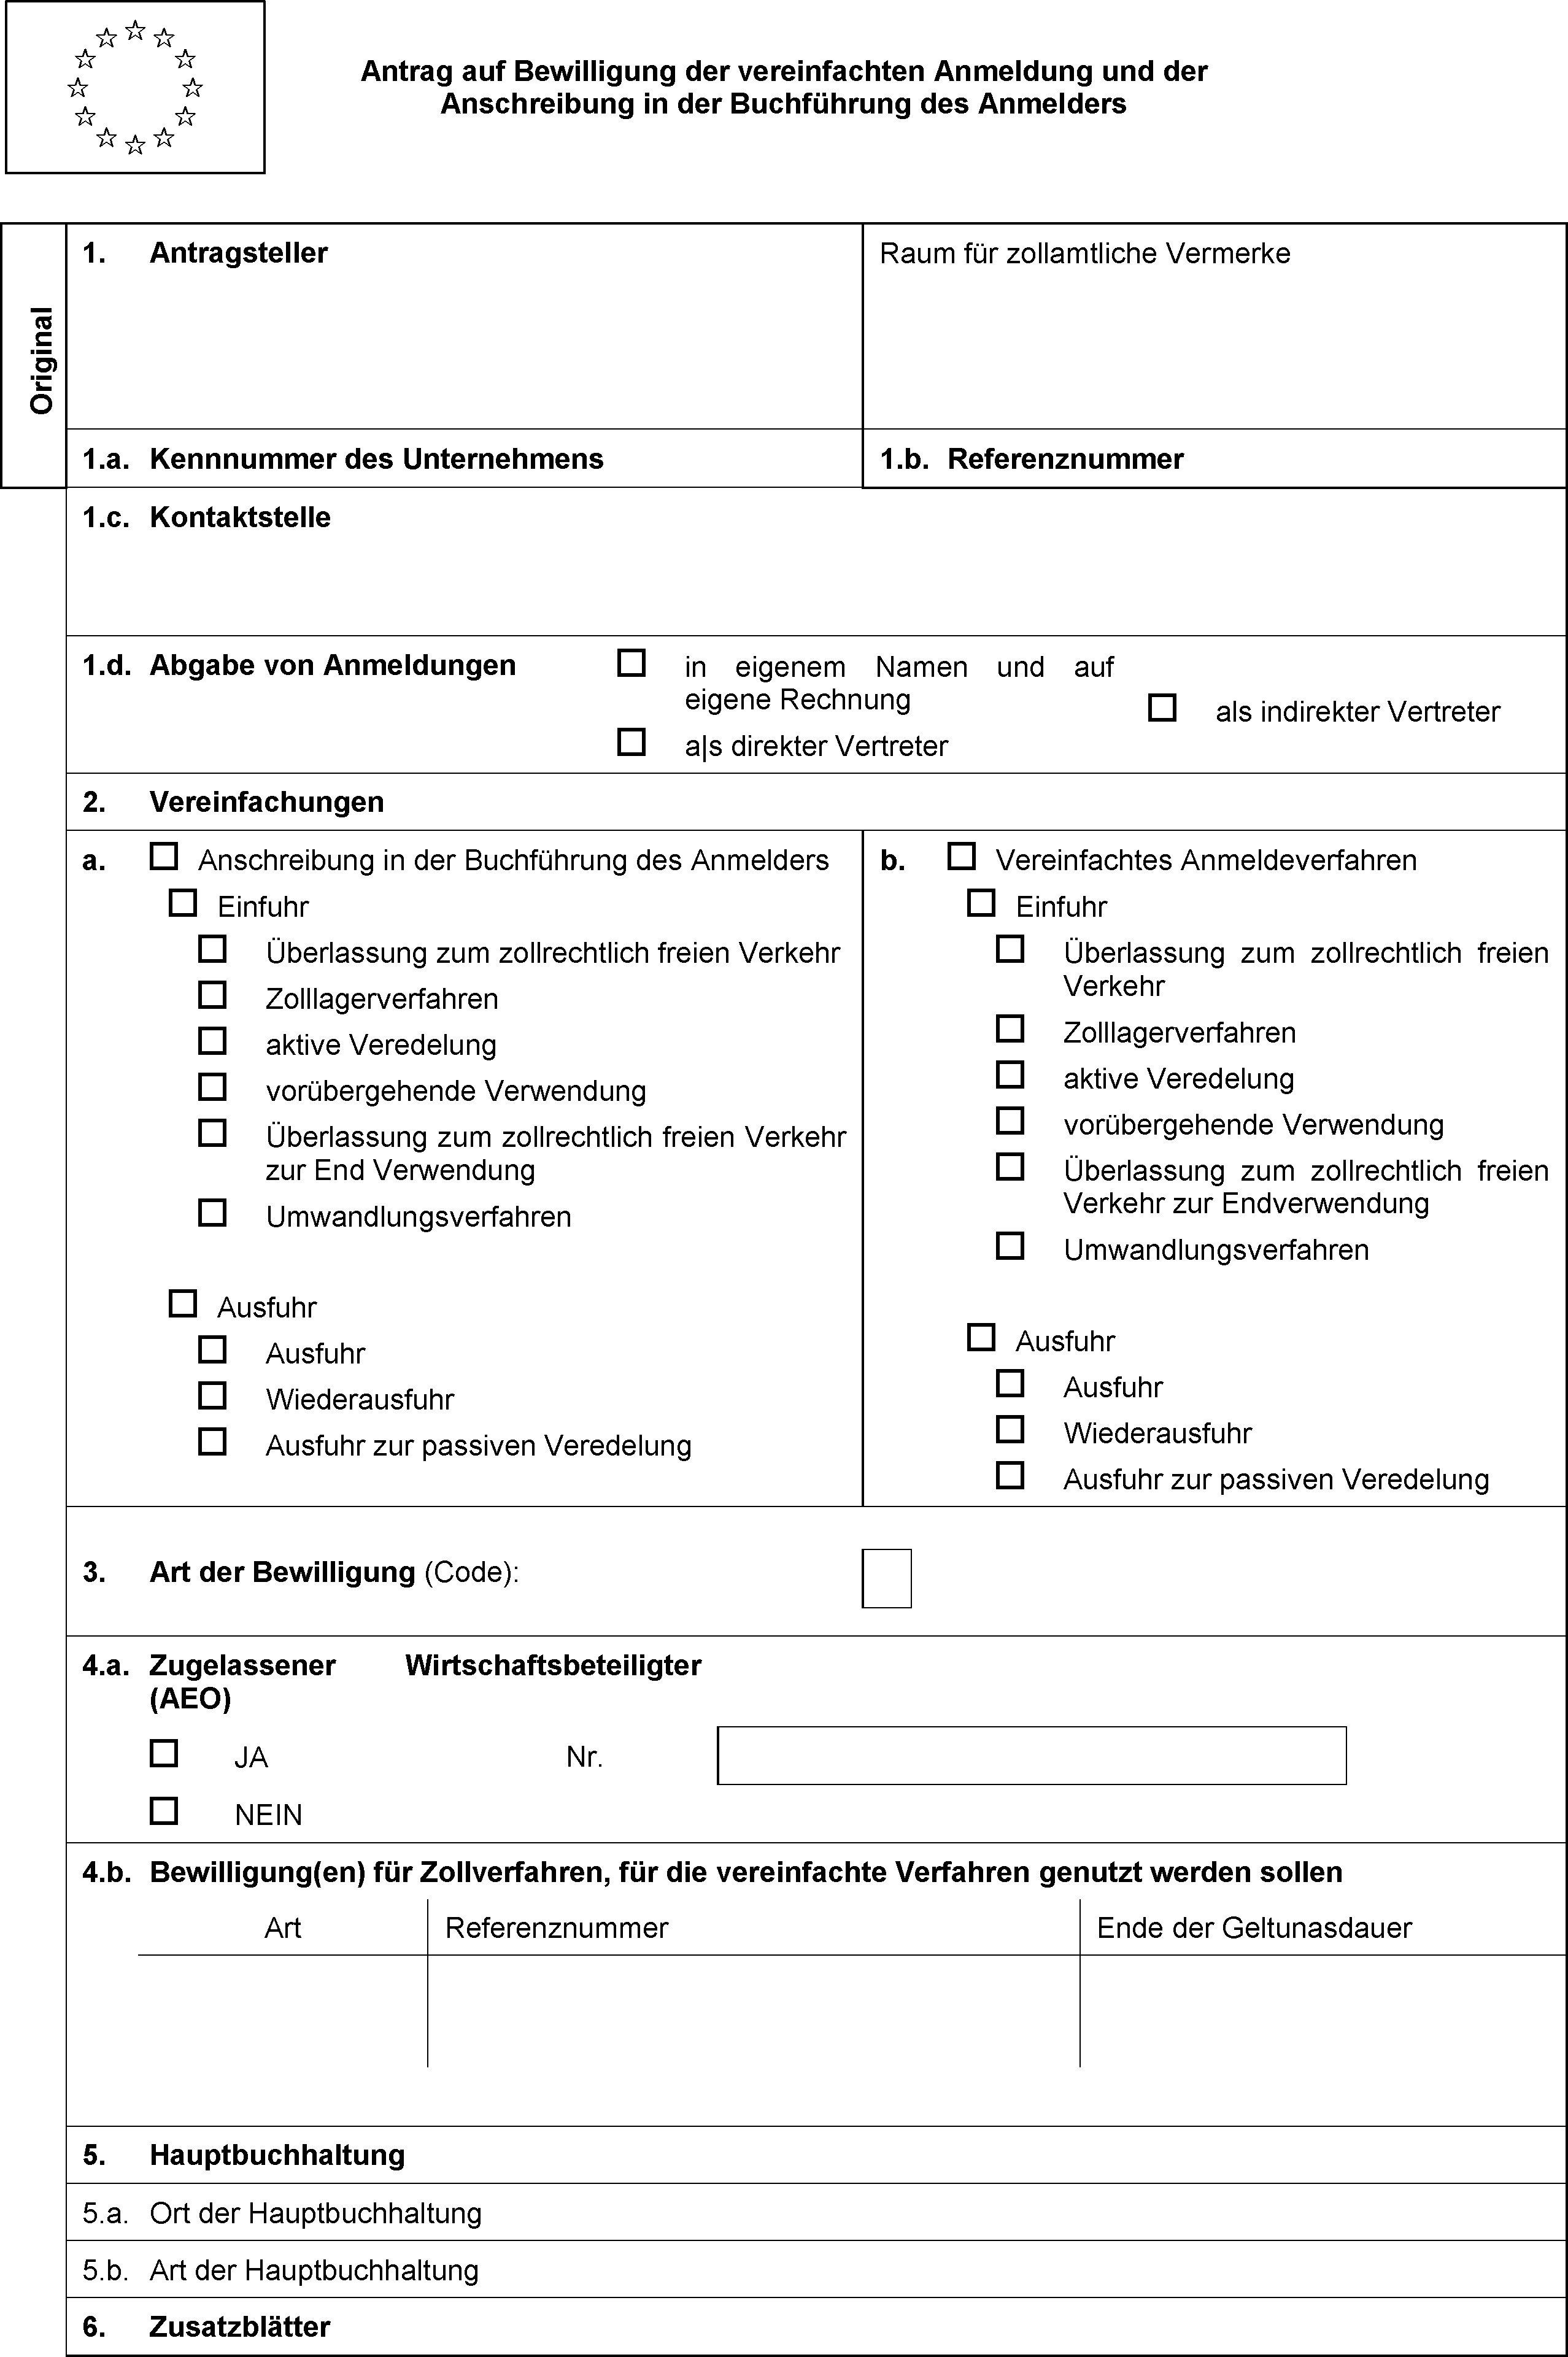 Beste Adressblatt Vorlage Ideen - Beispielzusammenfassung Ideen ...